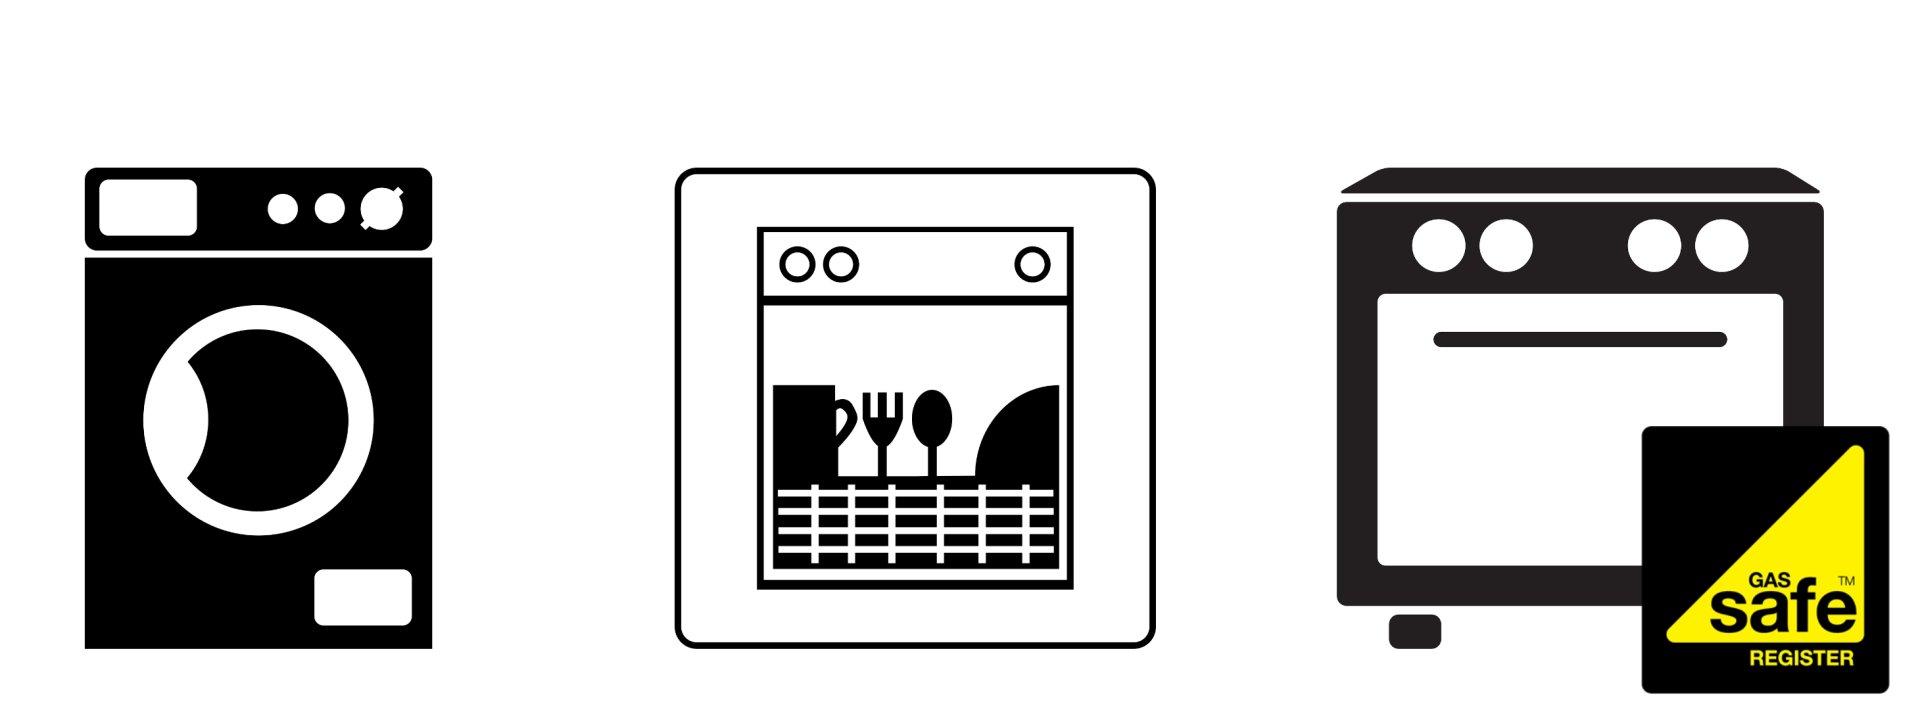 Low-cost oven repairs, Dishwasher repairs, Washing machine